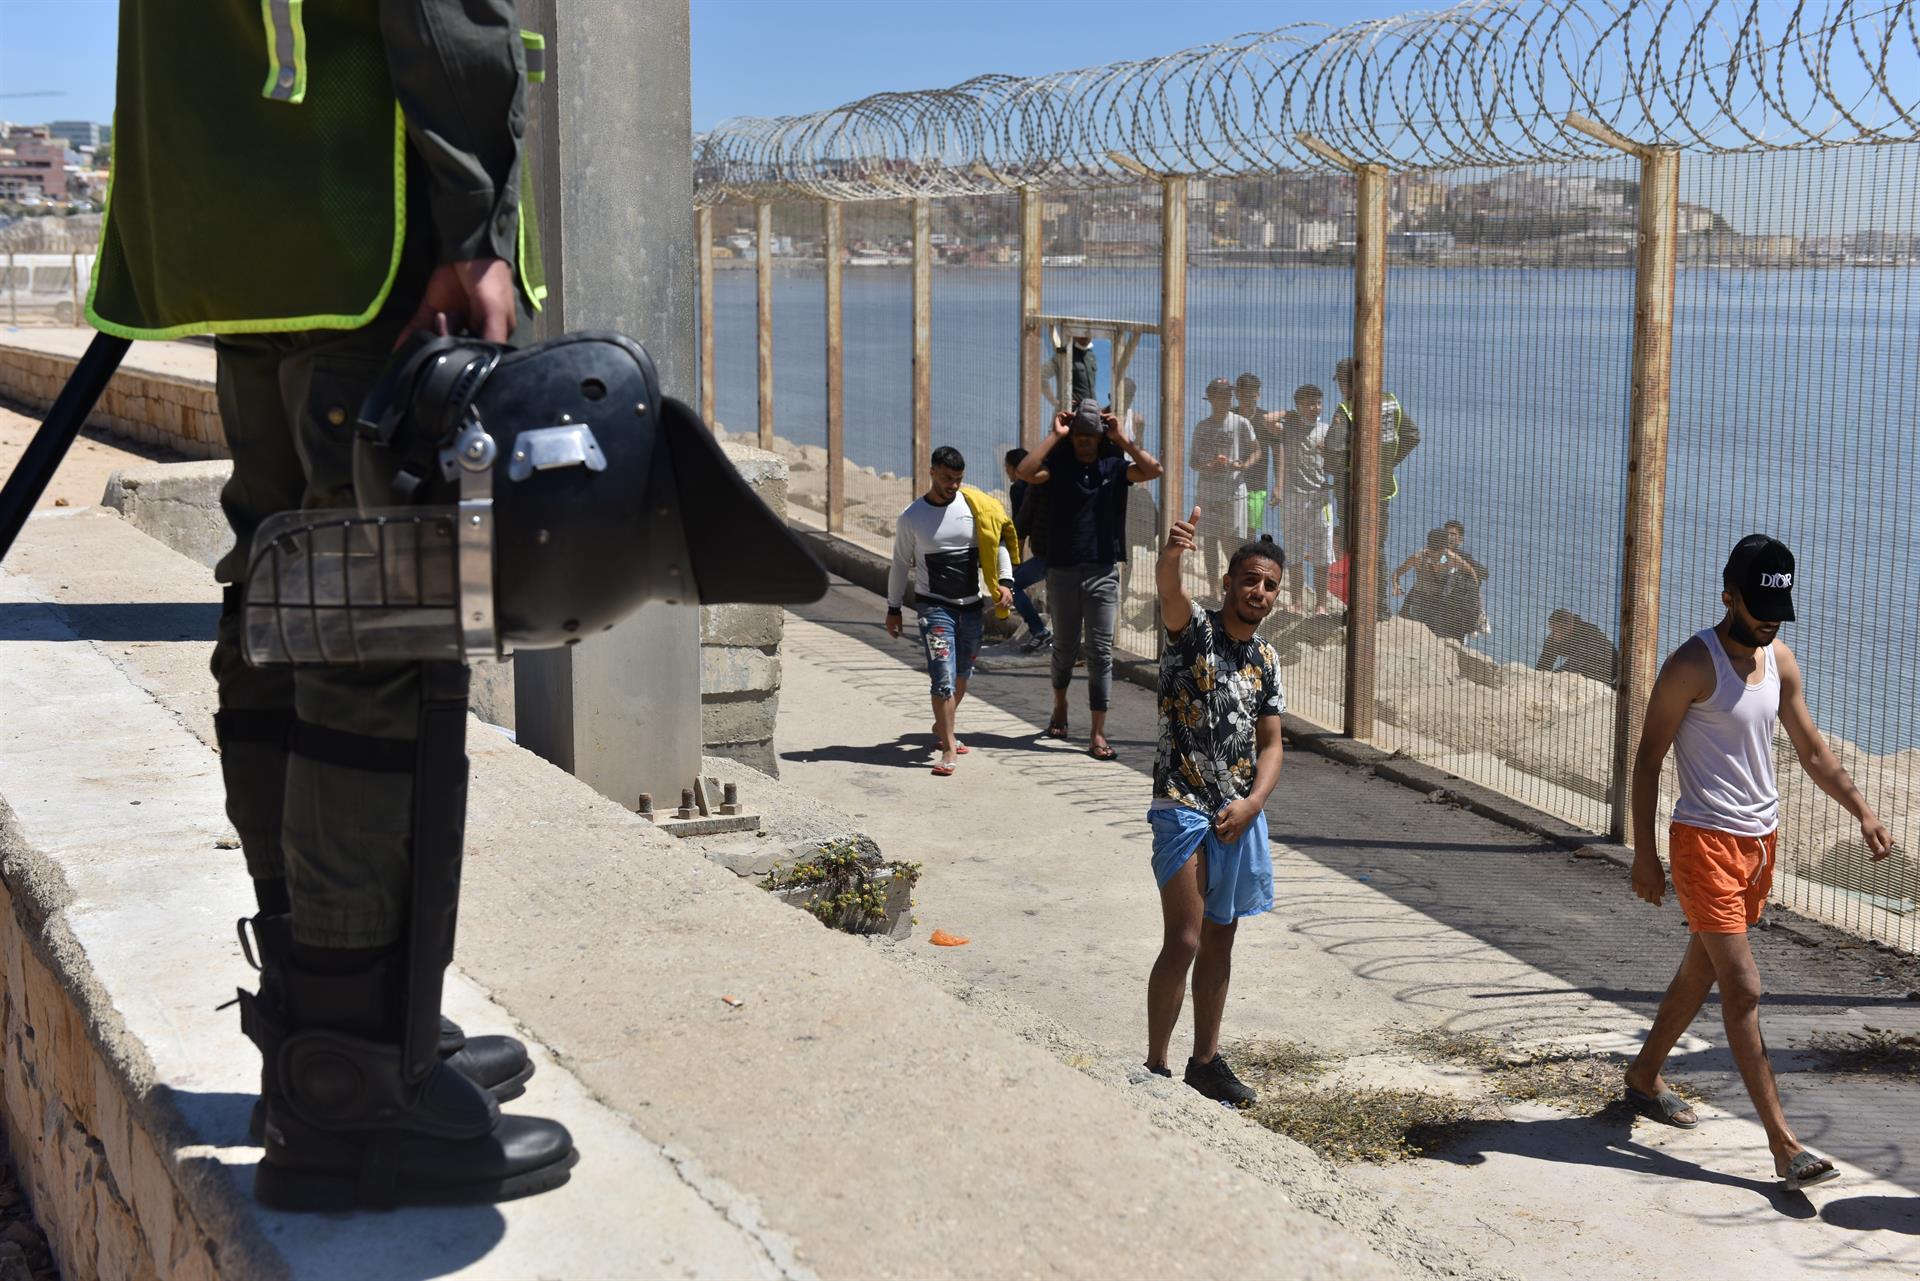 La policía antidisturbios marroquí monta guardia para evitar el paso de personas que intentan llegar al paso fronterizo Ceuta-Tarajal en la carretera entre Fnidq cerca de la ciudad española de Ceuta, ubicada en el norte de África, el 19 de mayo de 2021.- EFE